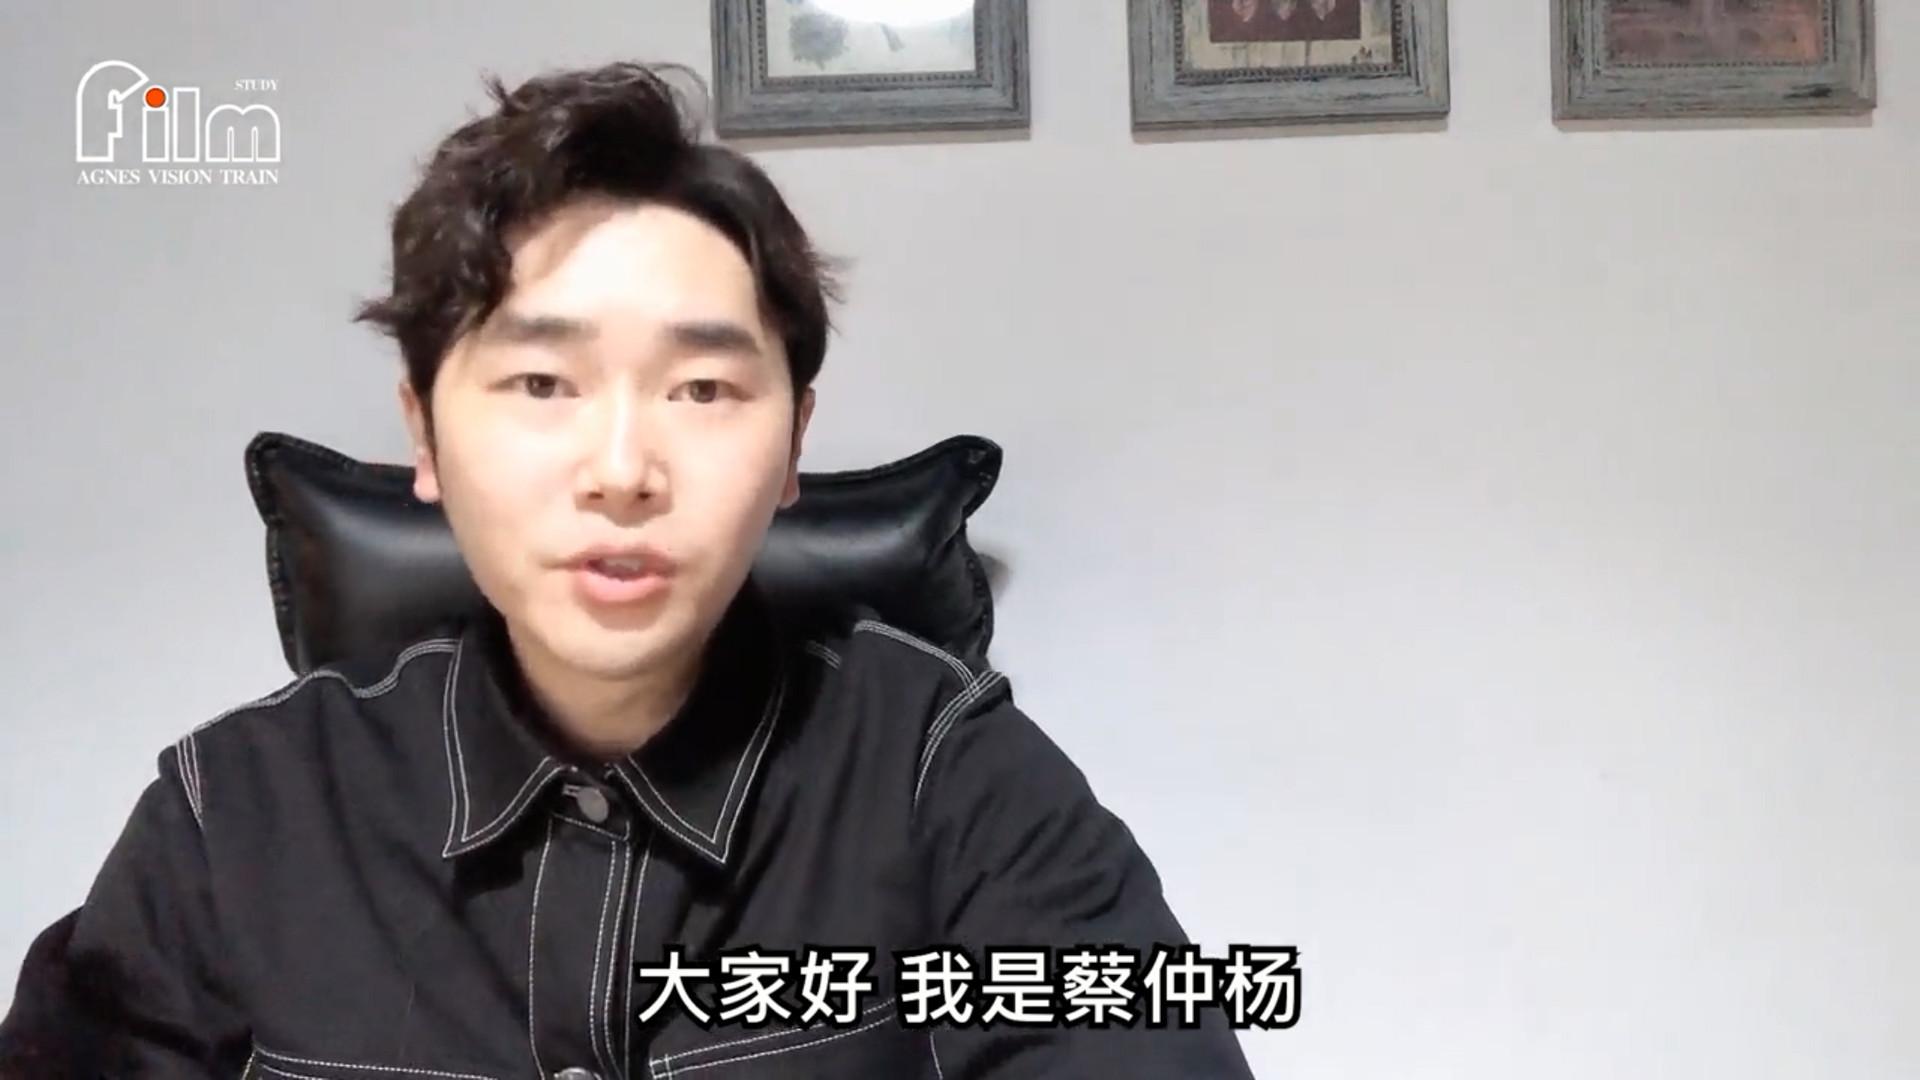 蔡仲杨:人像专业高手的必经之路